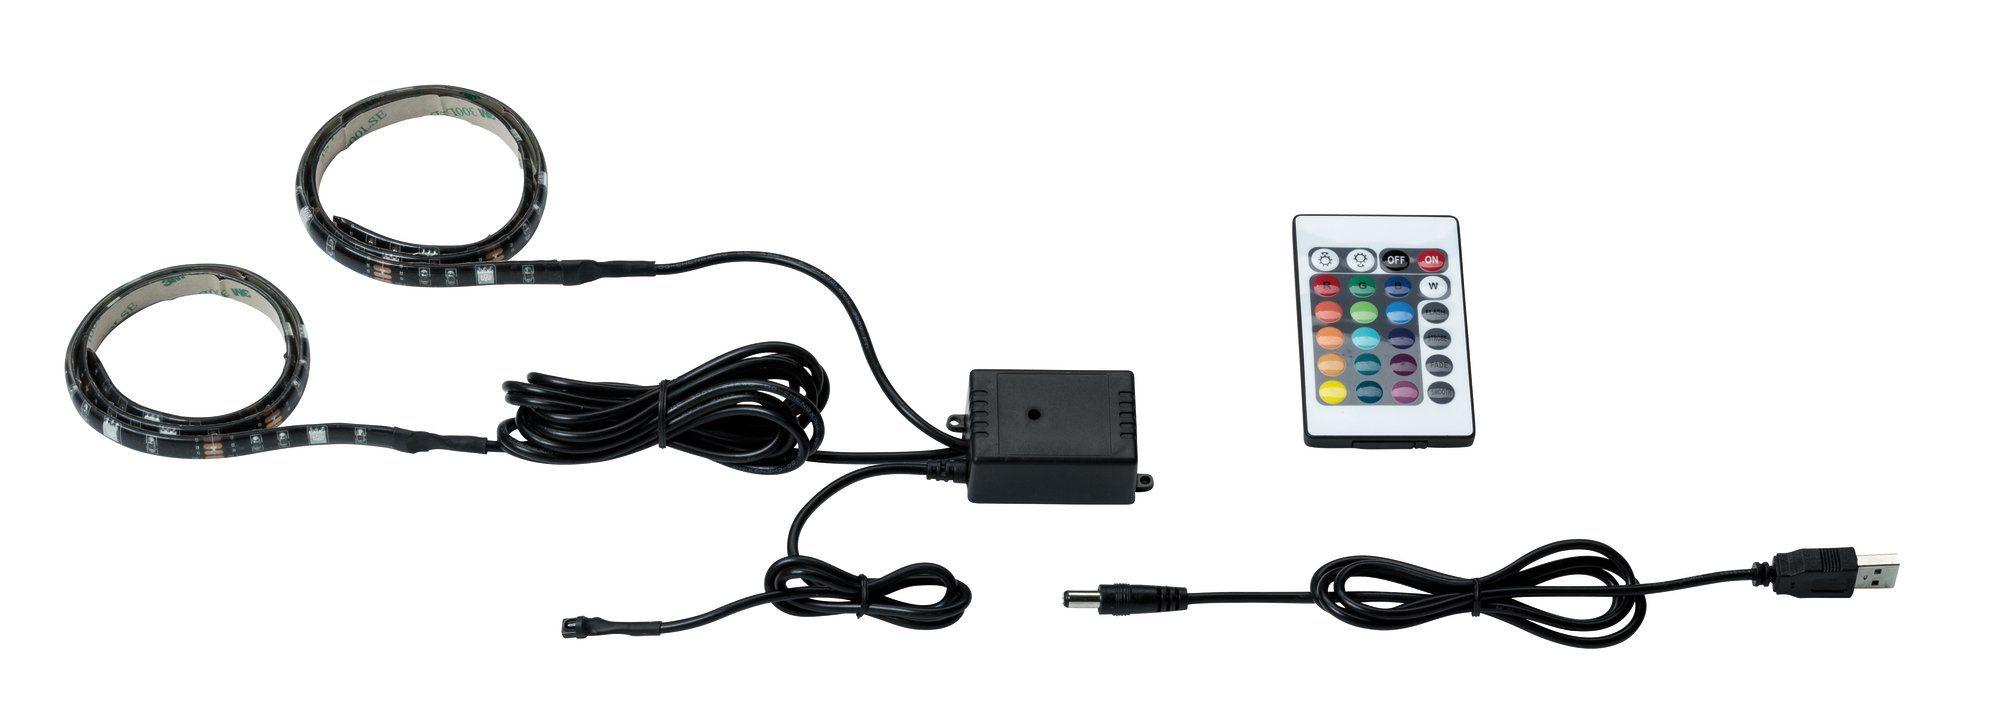 Paulmann LED Deckenleuchte, Function USB-Strip 2x50cm RGB 2,5W, 5V